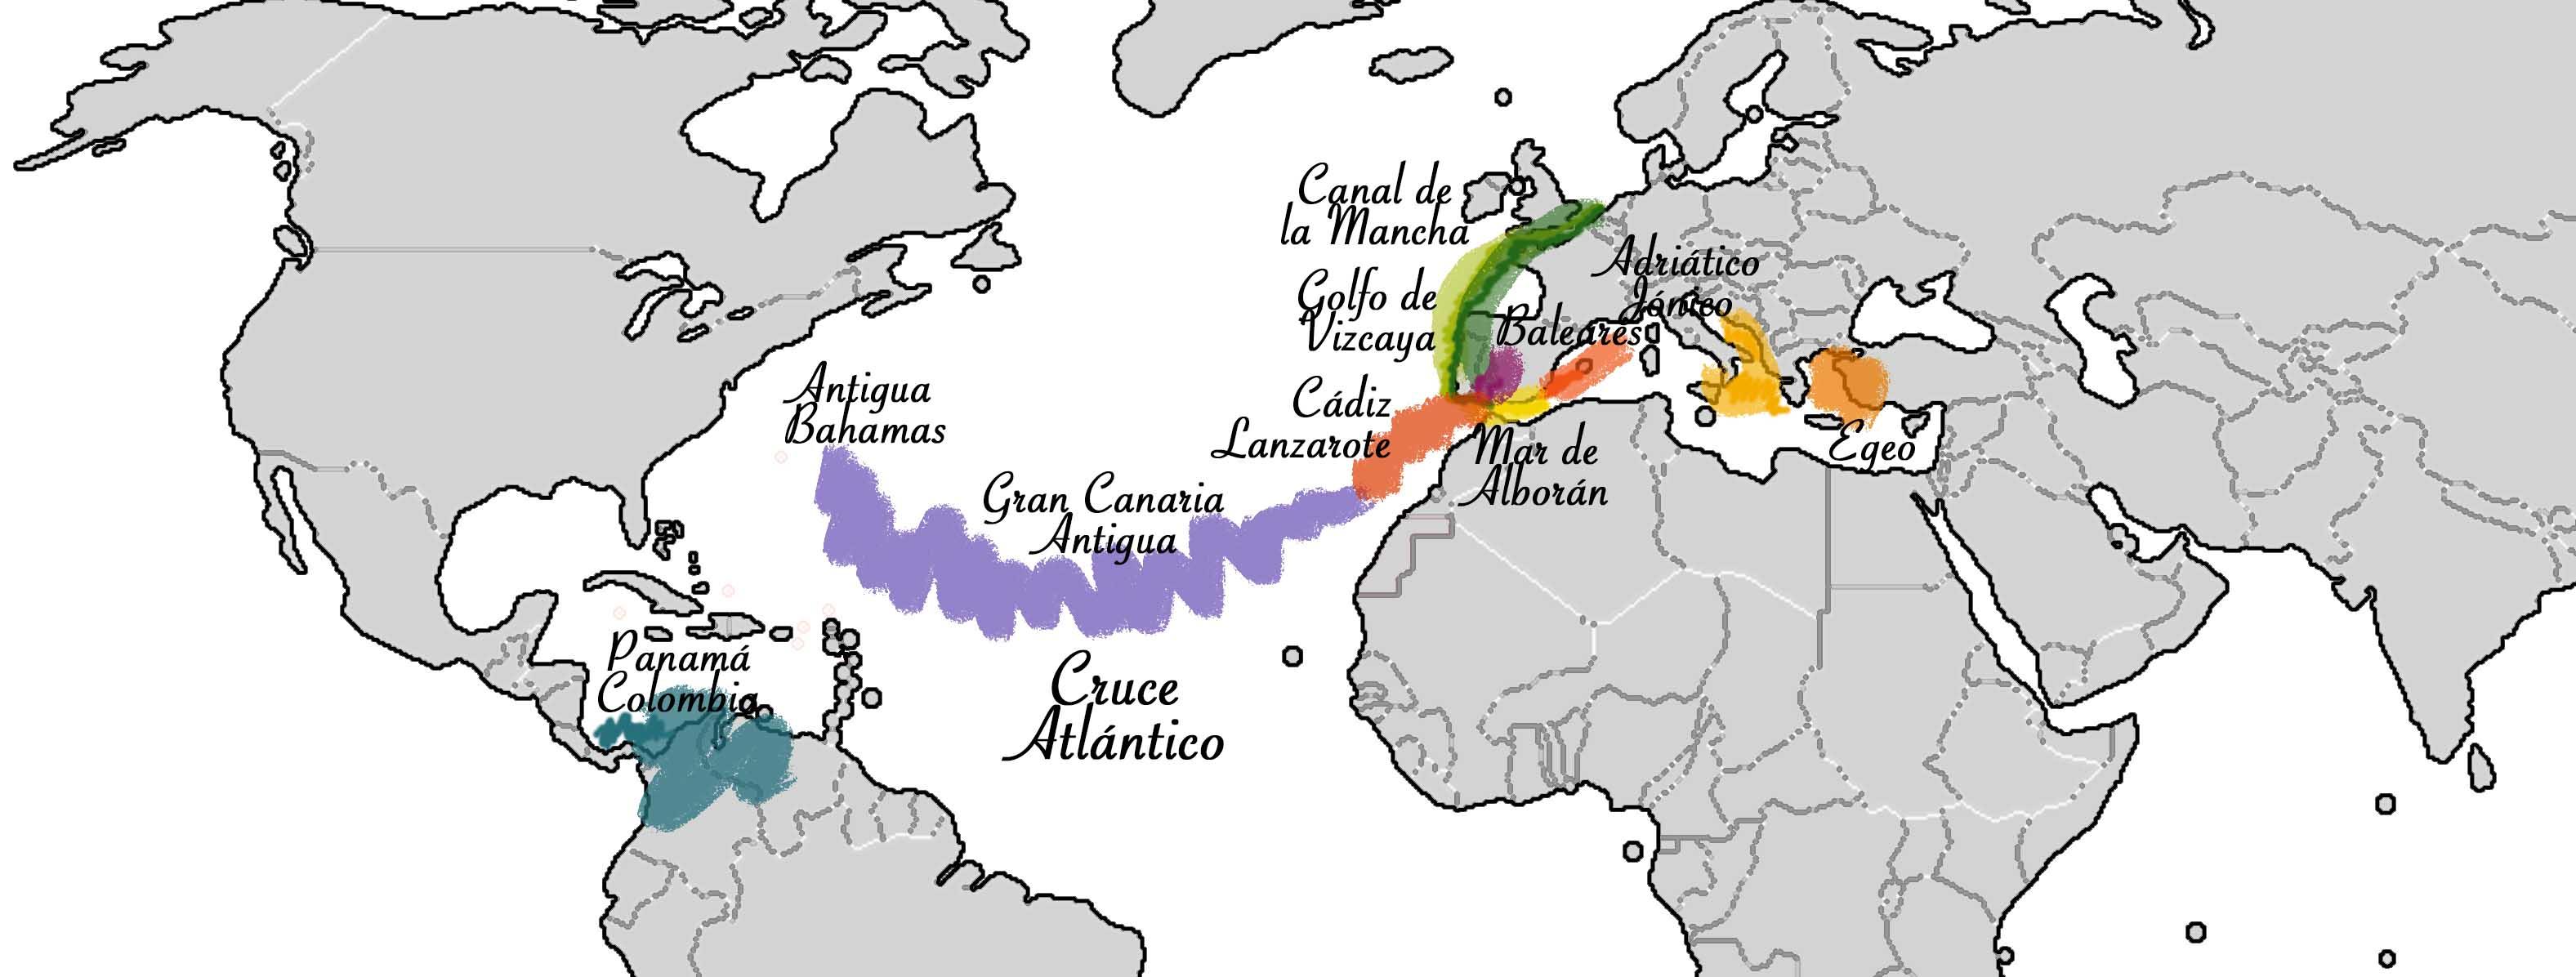 Rutas travesías Allende los mares